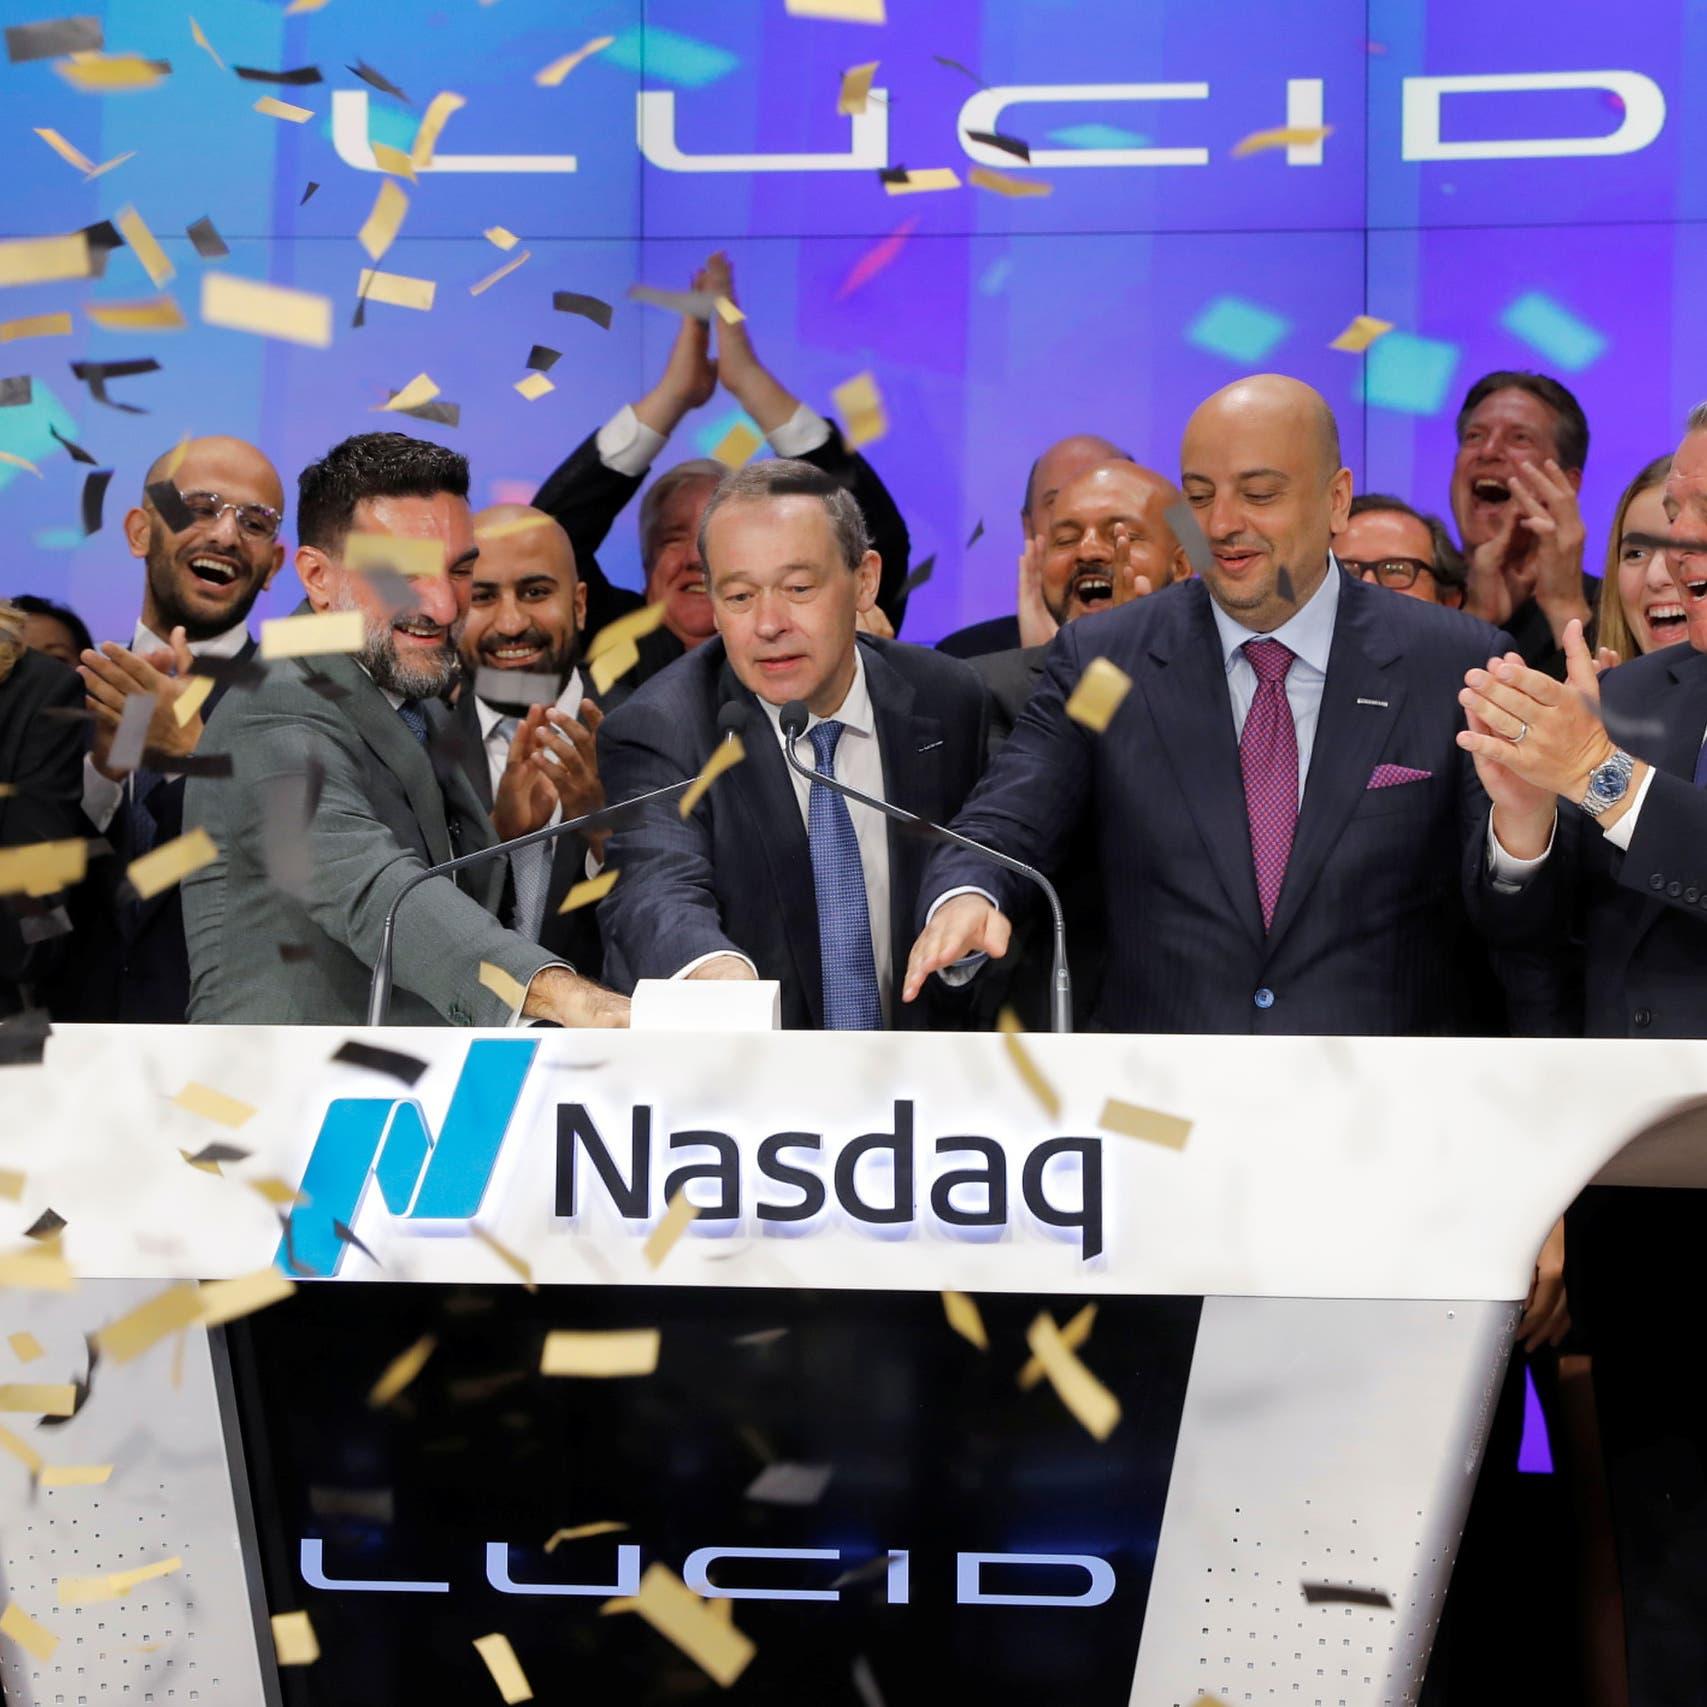 """مكاسب الاستثمار السعودي في """"لوسيد"""" تفوق 22 مليار دولار بعد إدراجها"""